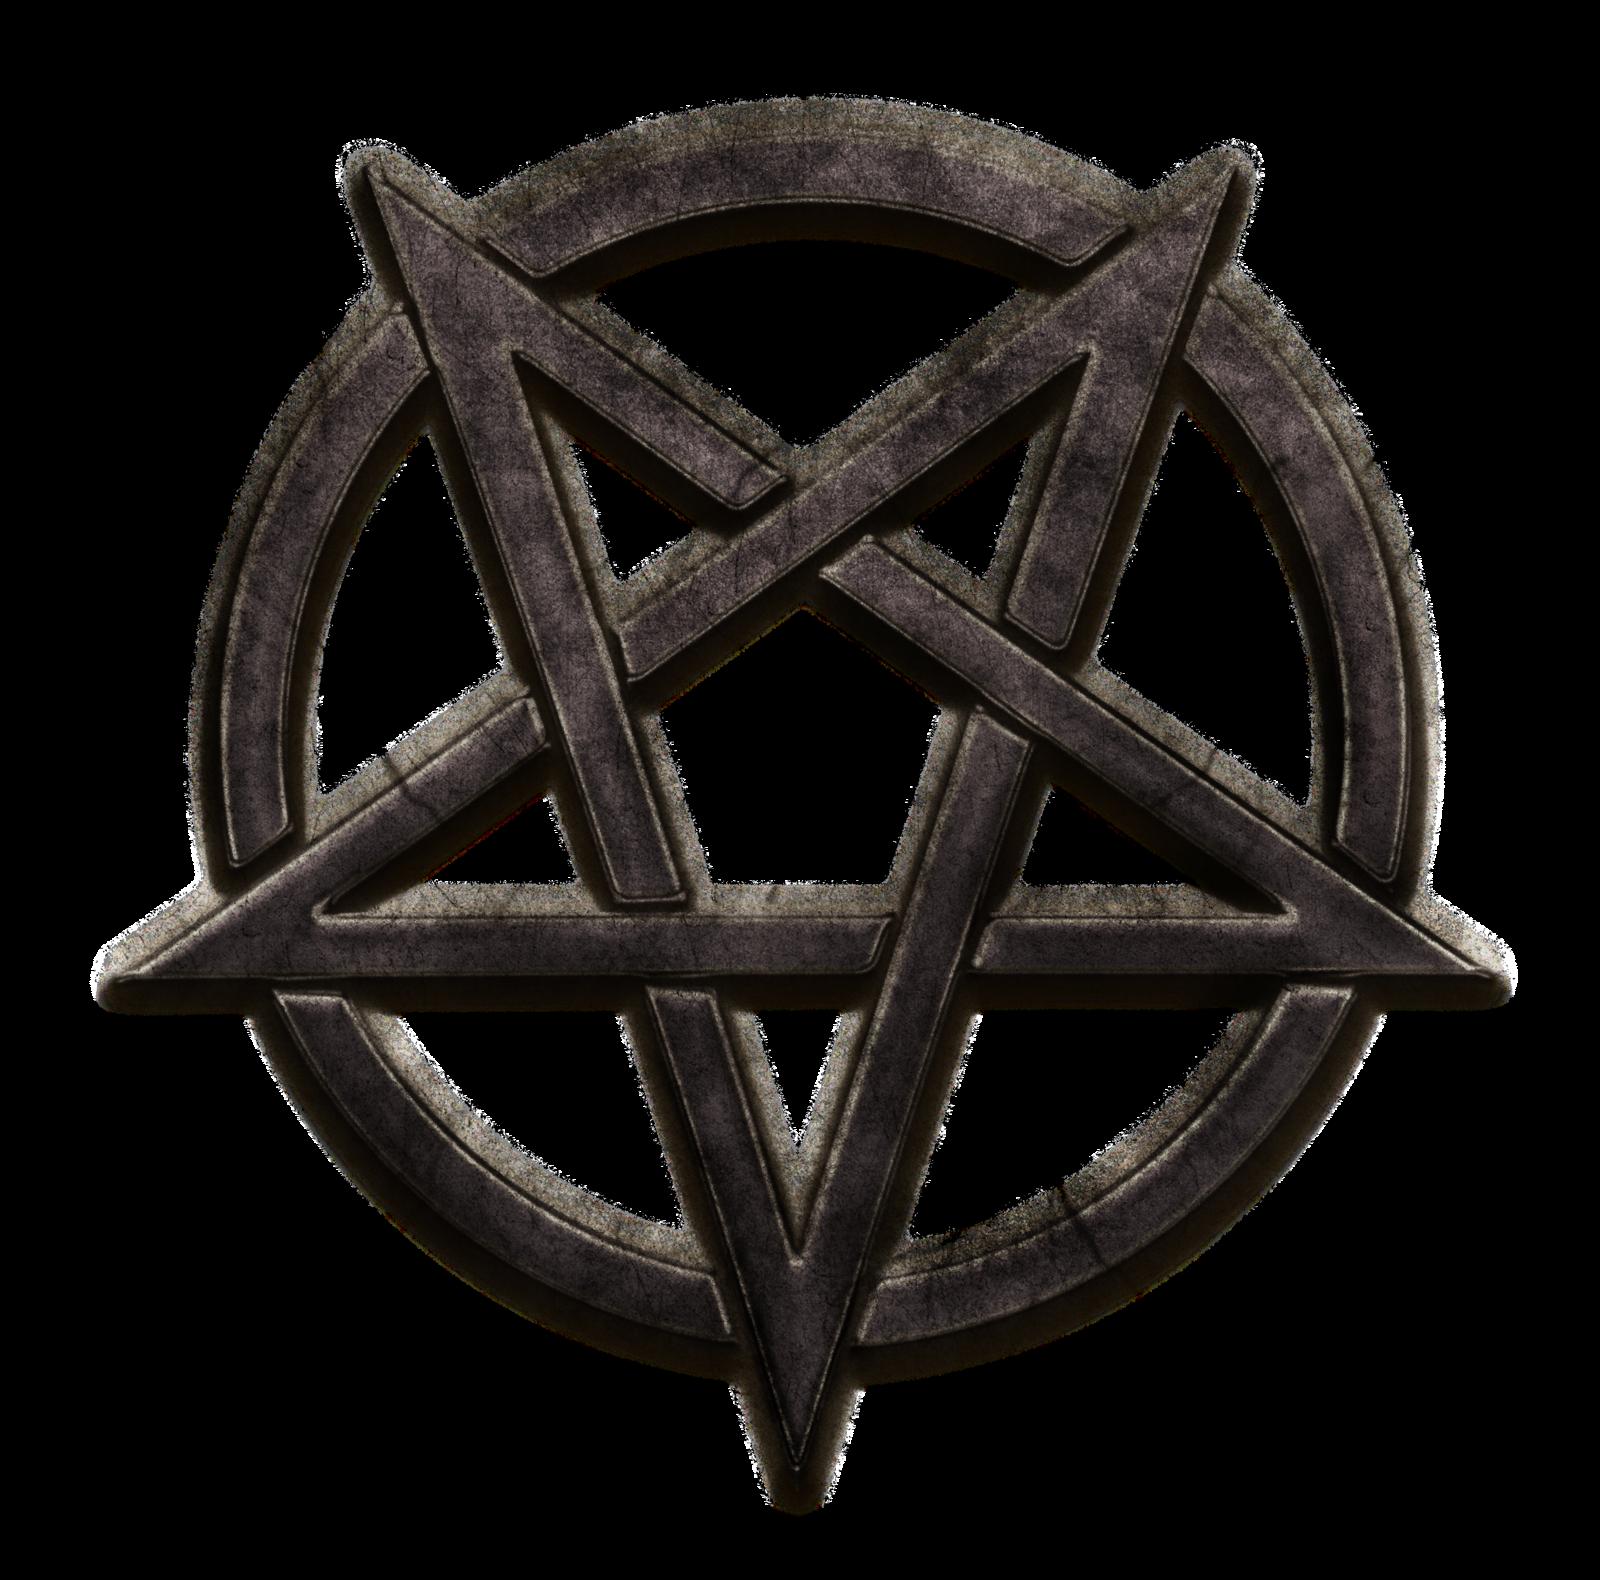 Pentagram clipart #1, Download drawings